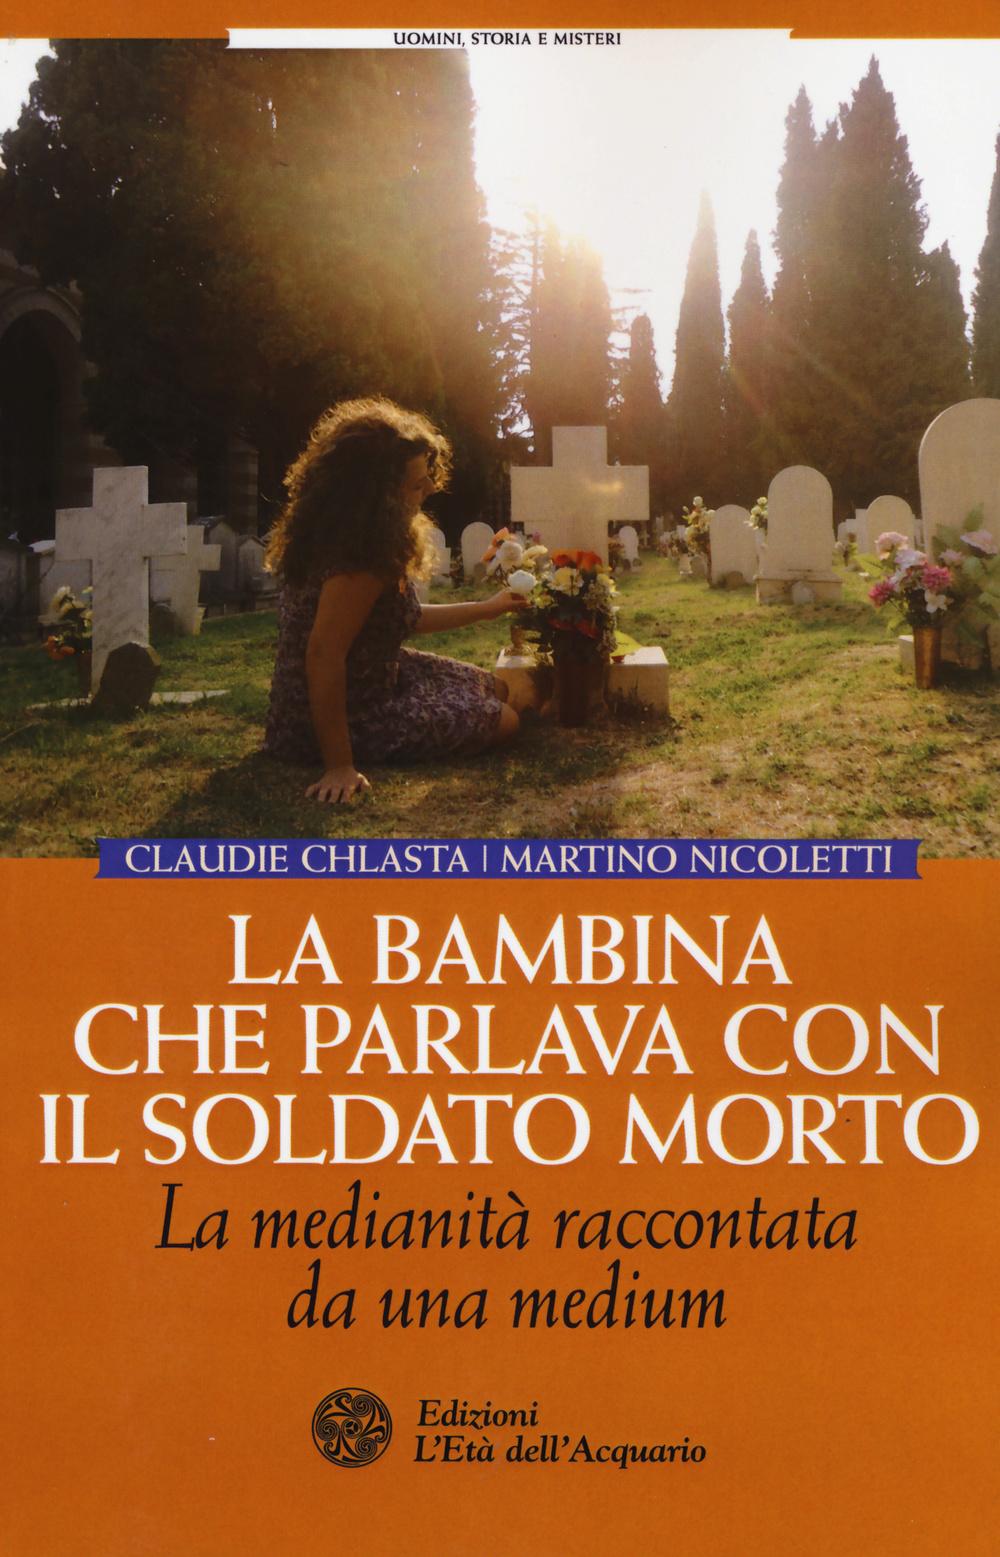 LA BAMBINA CHE PARLAVA CON IL SOLDATO MORTO - 9788871365831